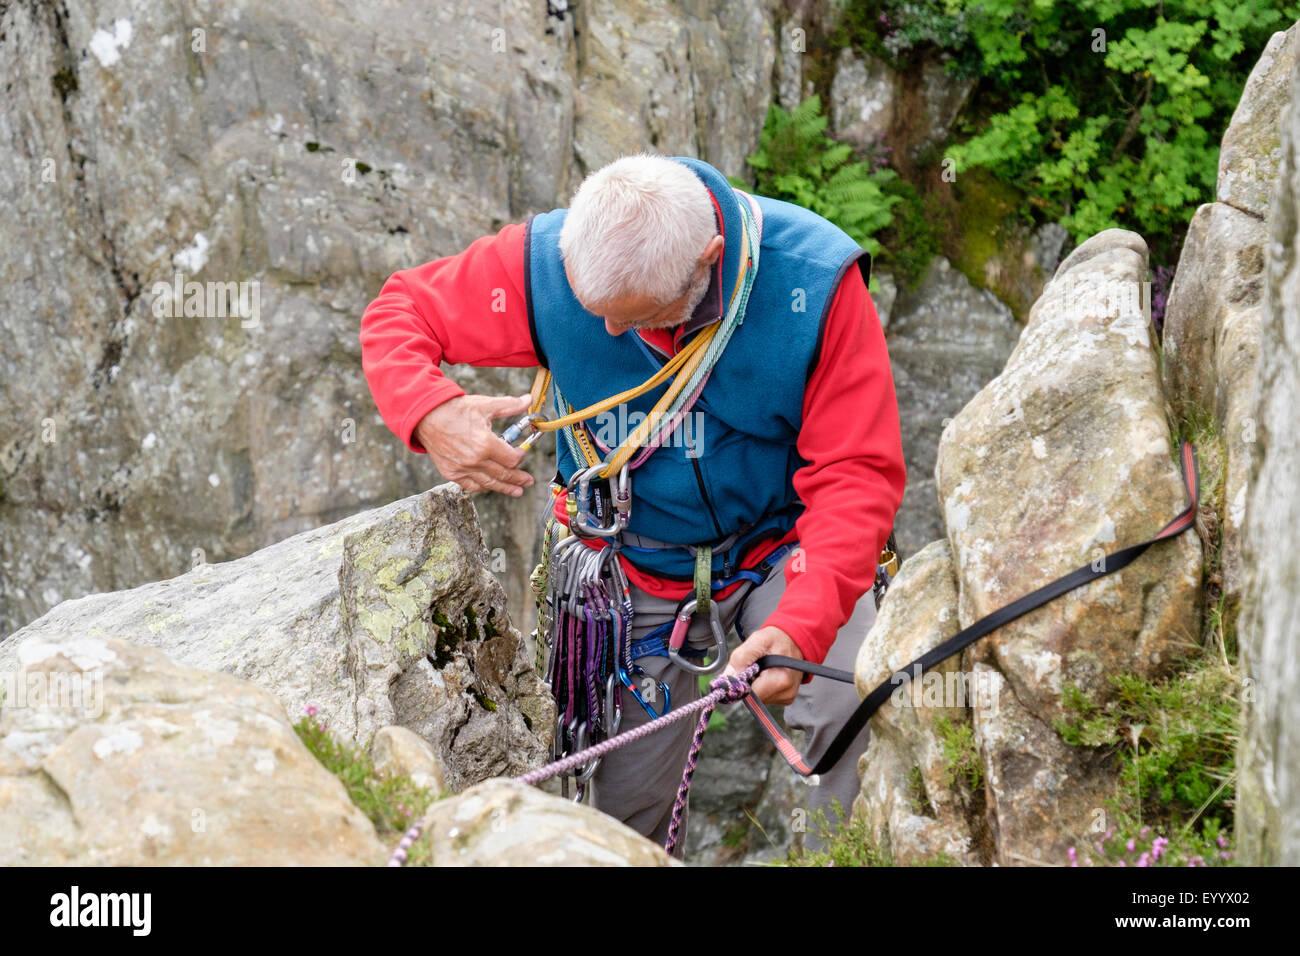 Klettergurt Englisch : Erfahrene kletterer trägt einen klettergurt vorbereitung einer belay